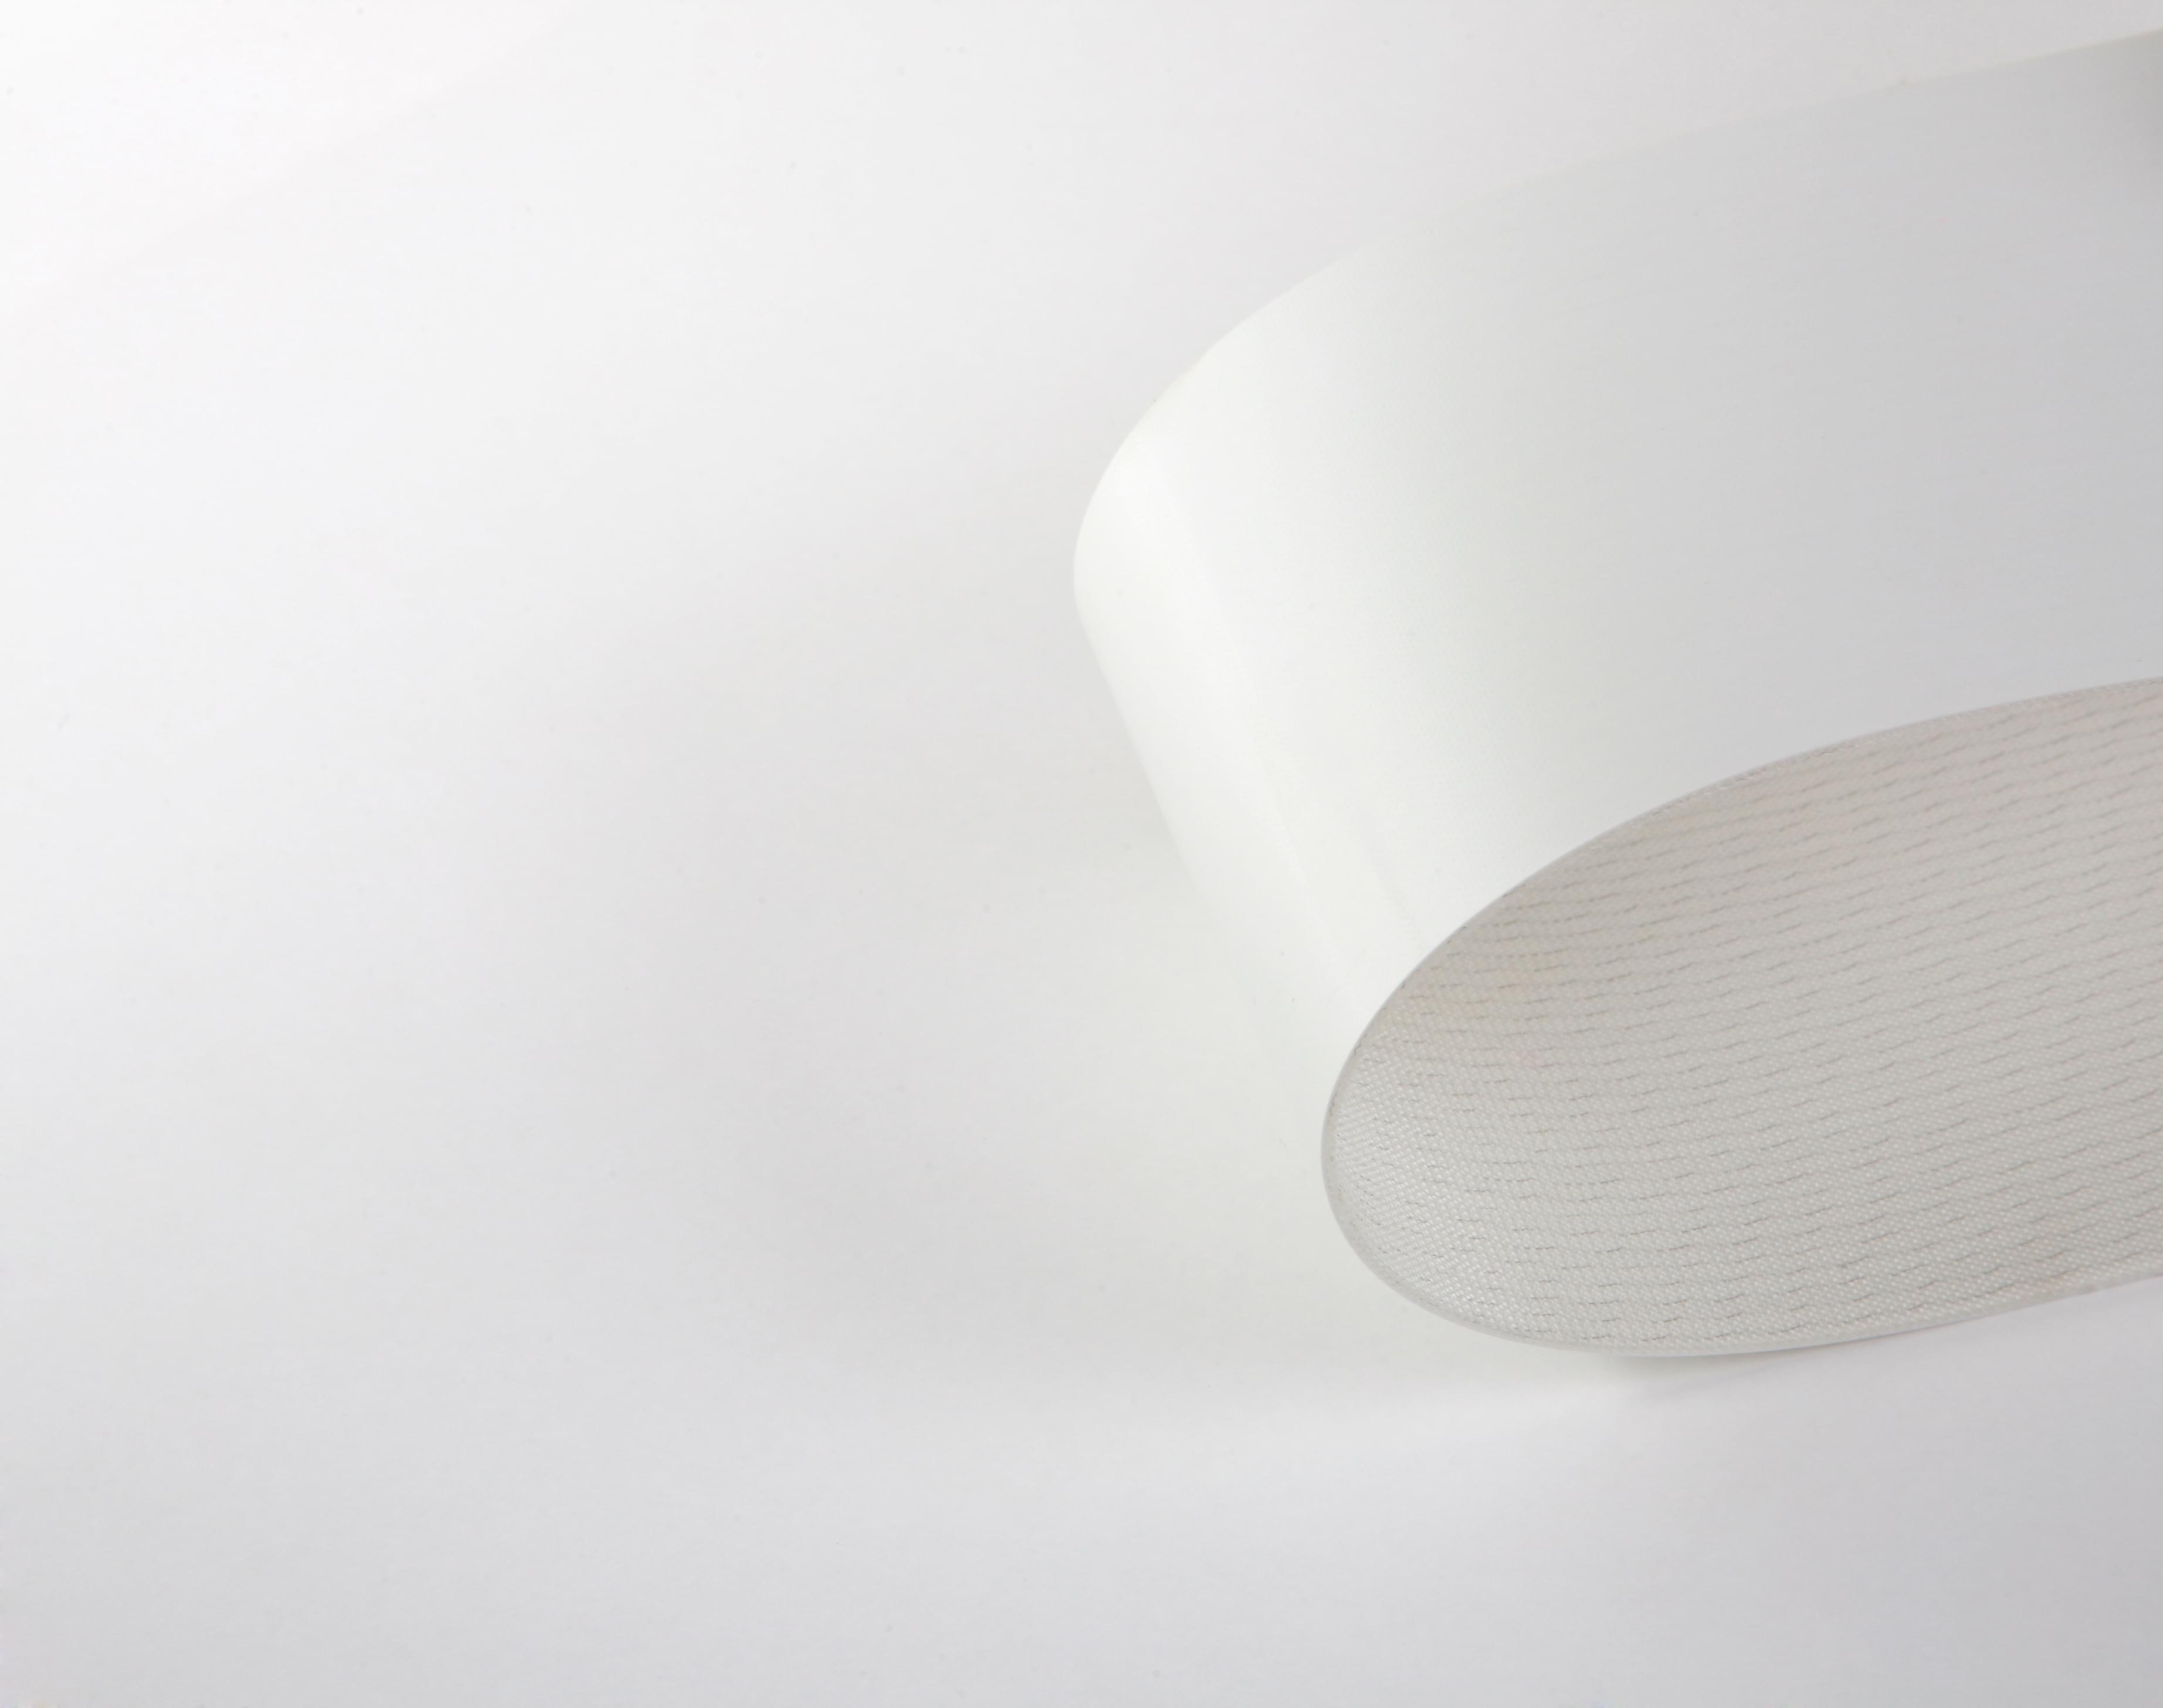 correia Poliuretano (PU) (poliuretano) branco duas lonas